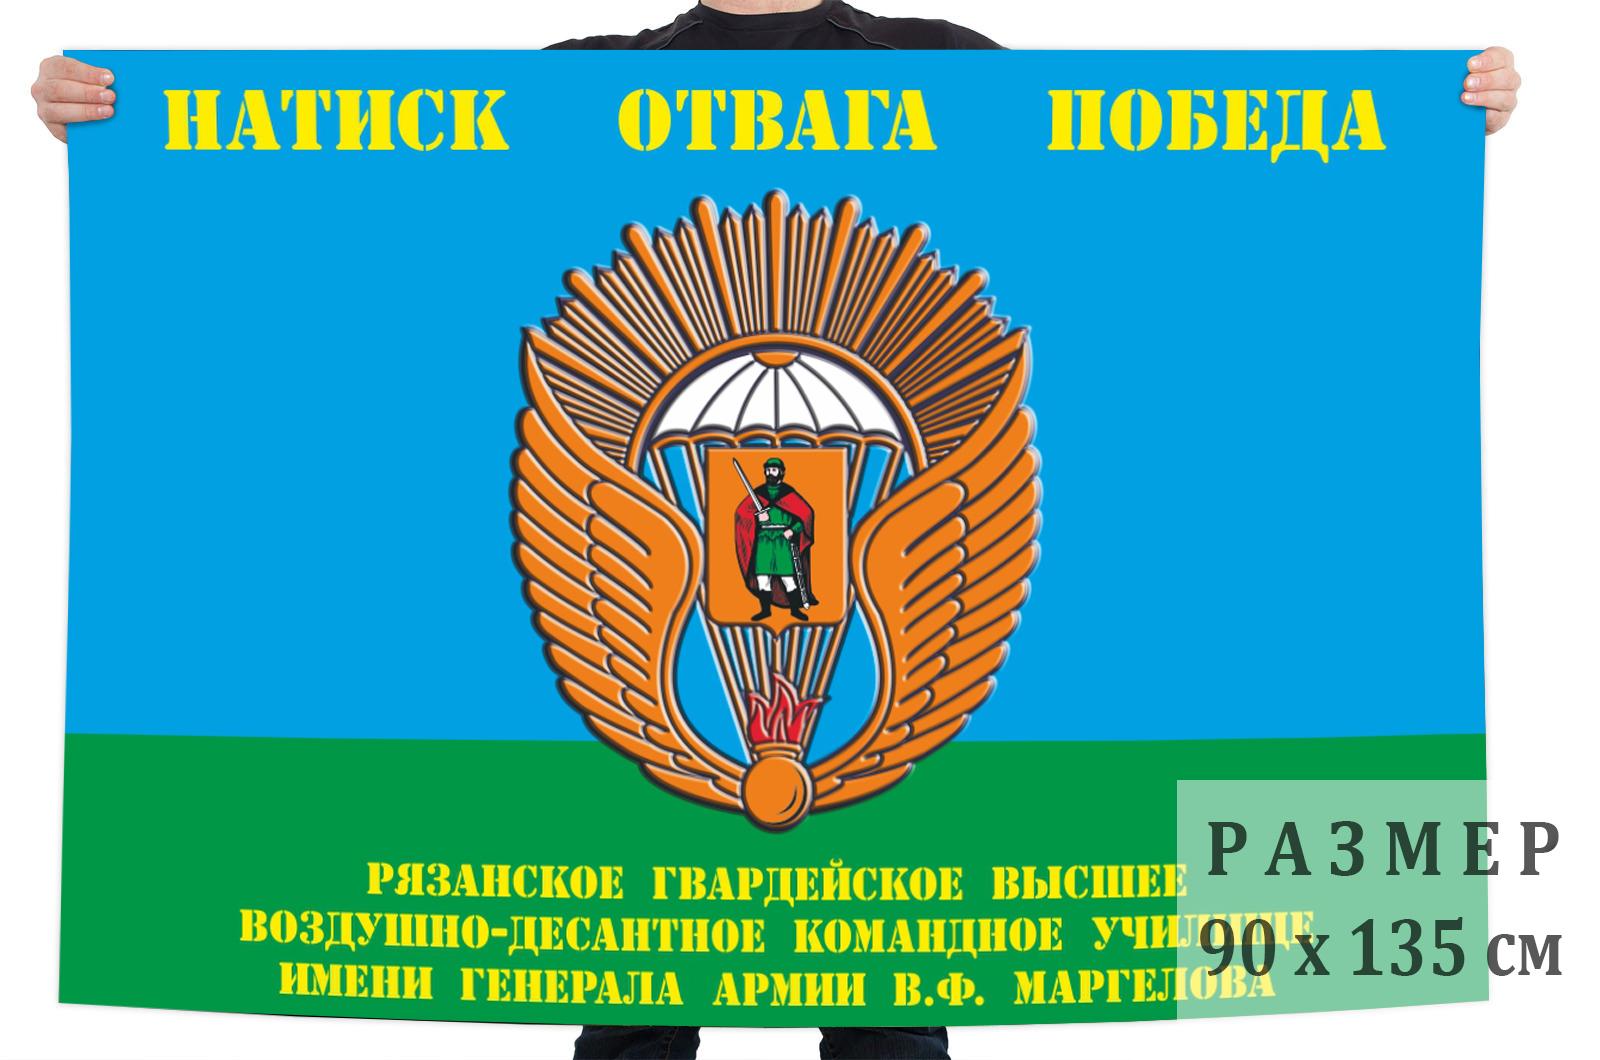 Флаг Рязанского высшего воздушно-десантного командного училища имени генерала армии В.Ф. Маргелова